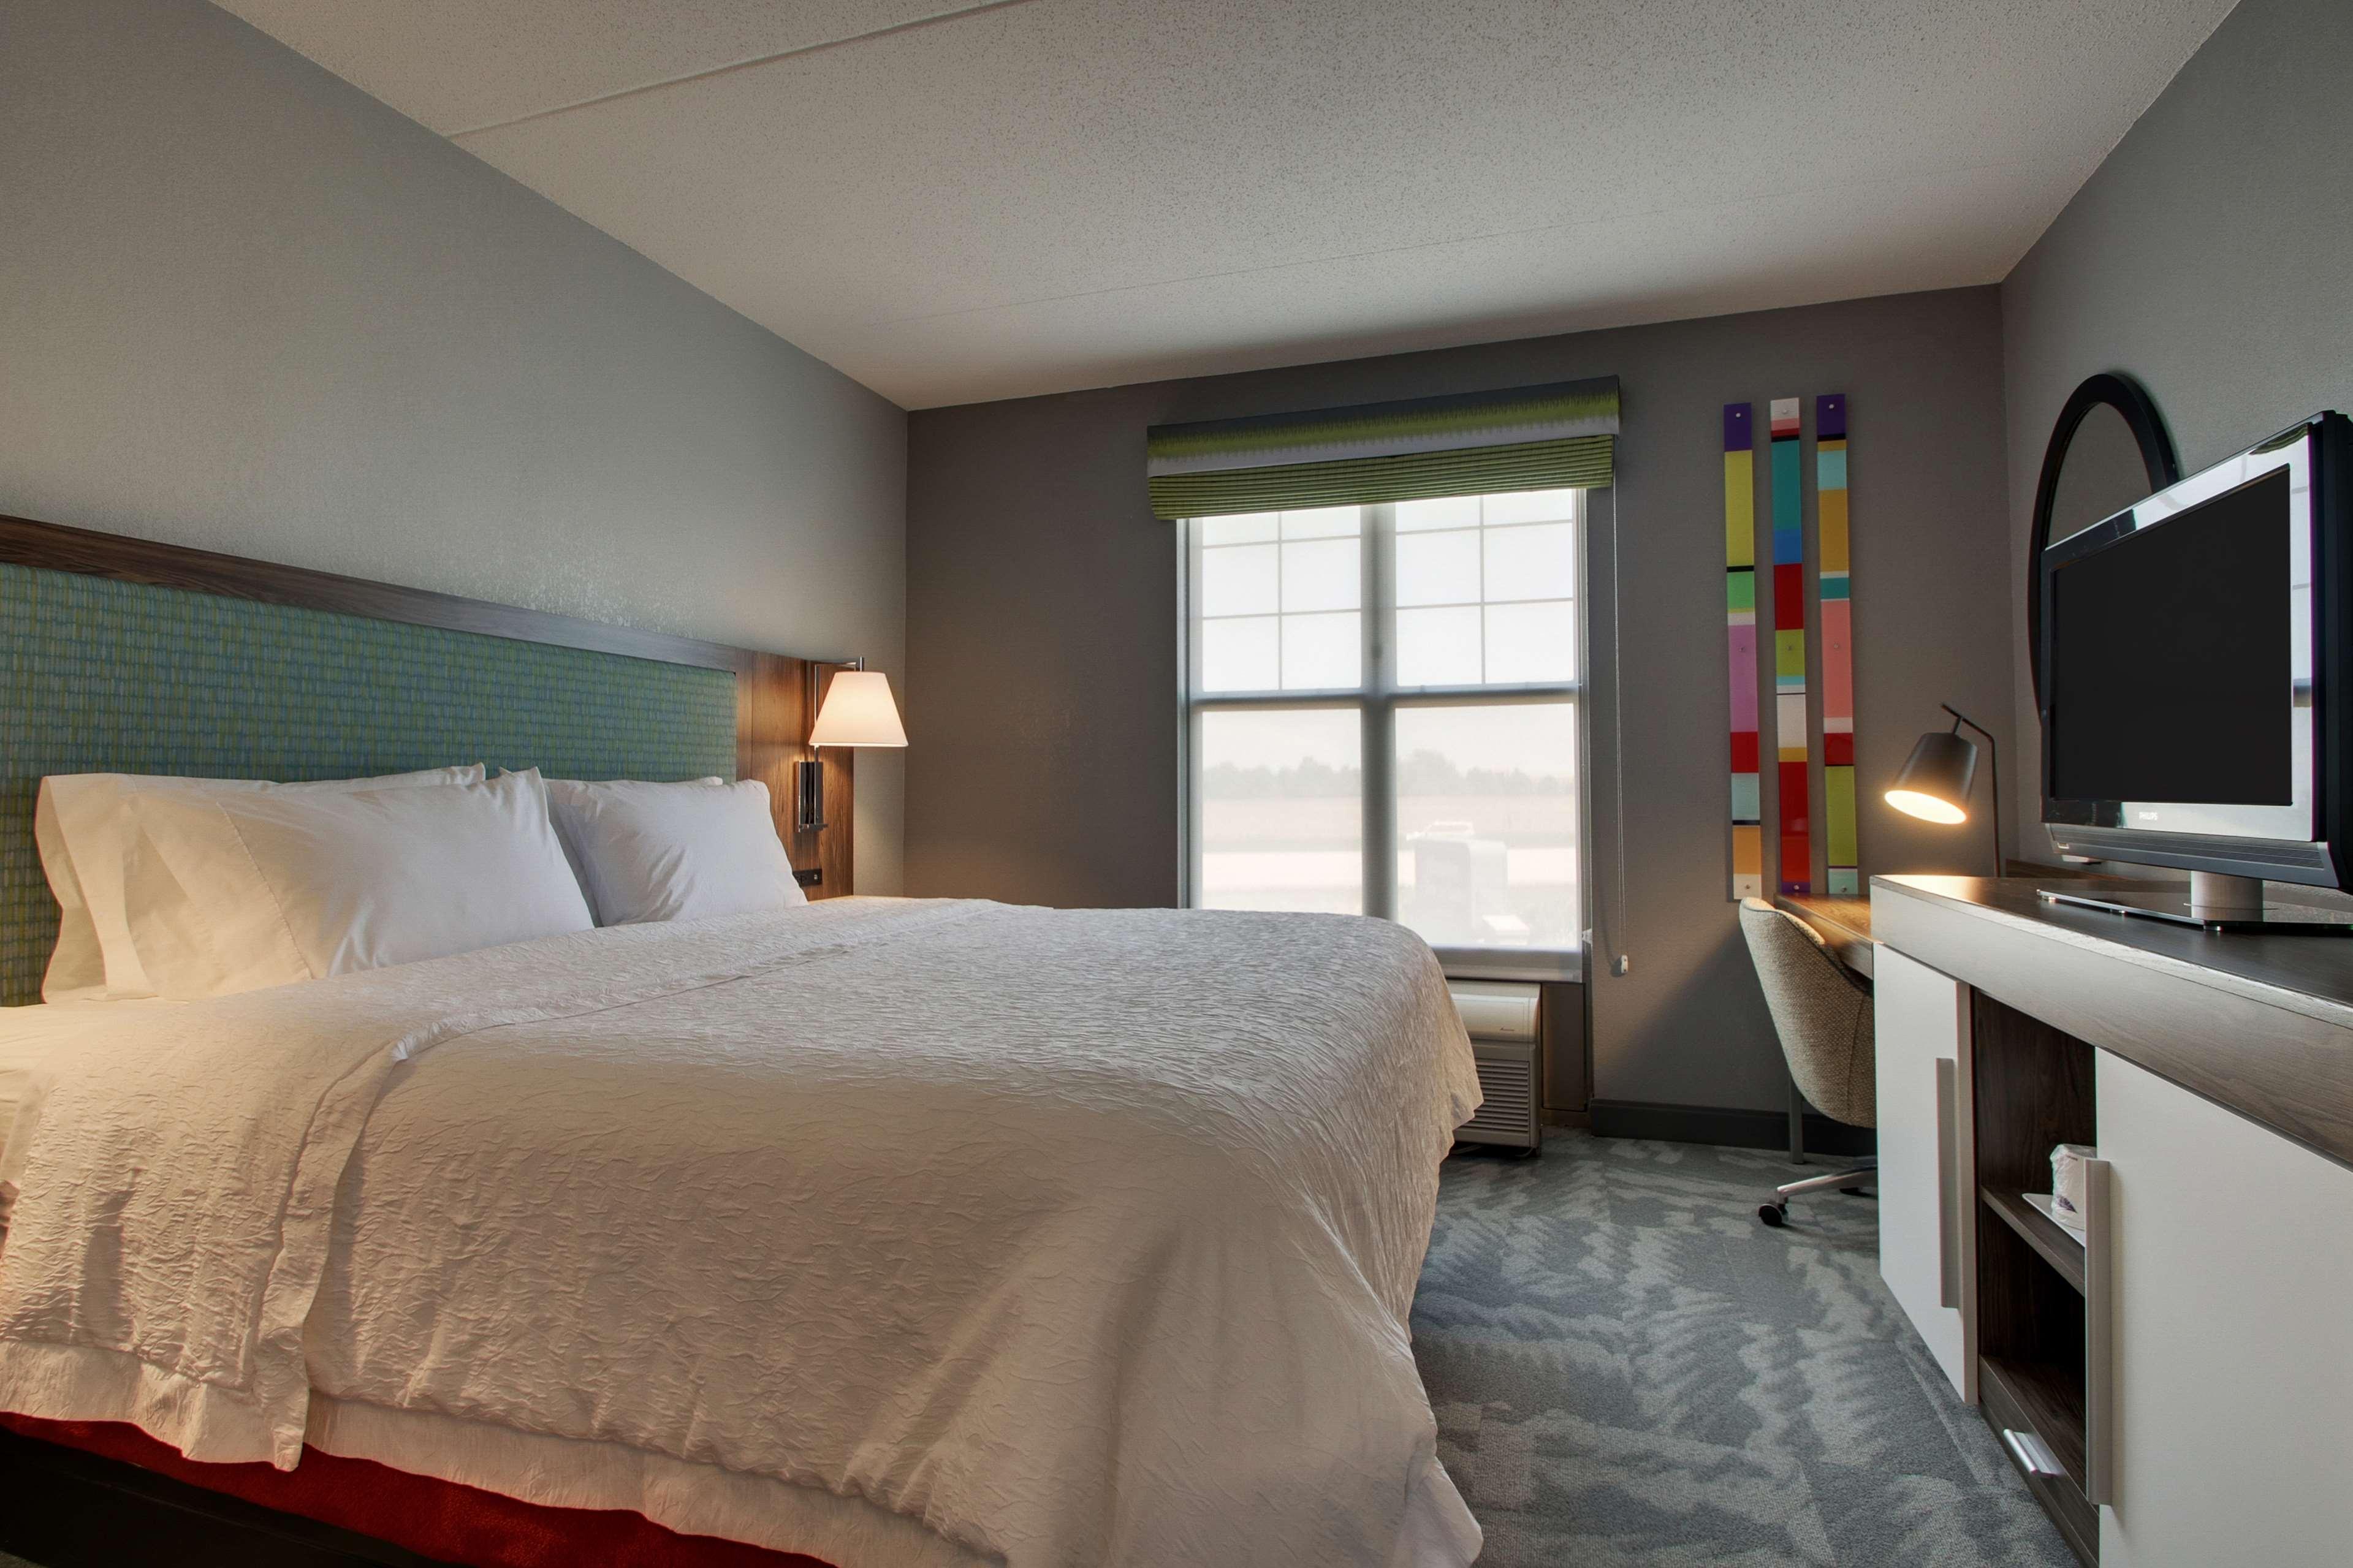 Hampton Inn & Suites Chicago/Aurora image 32